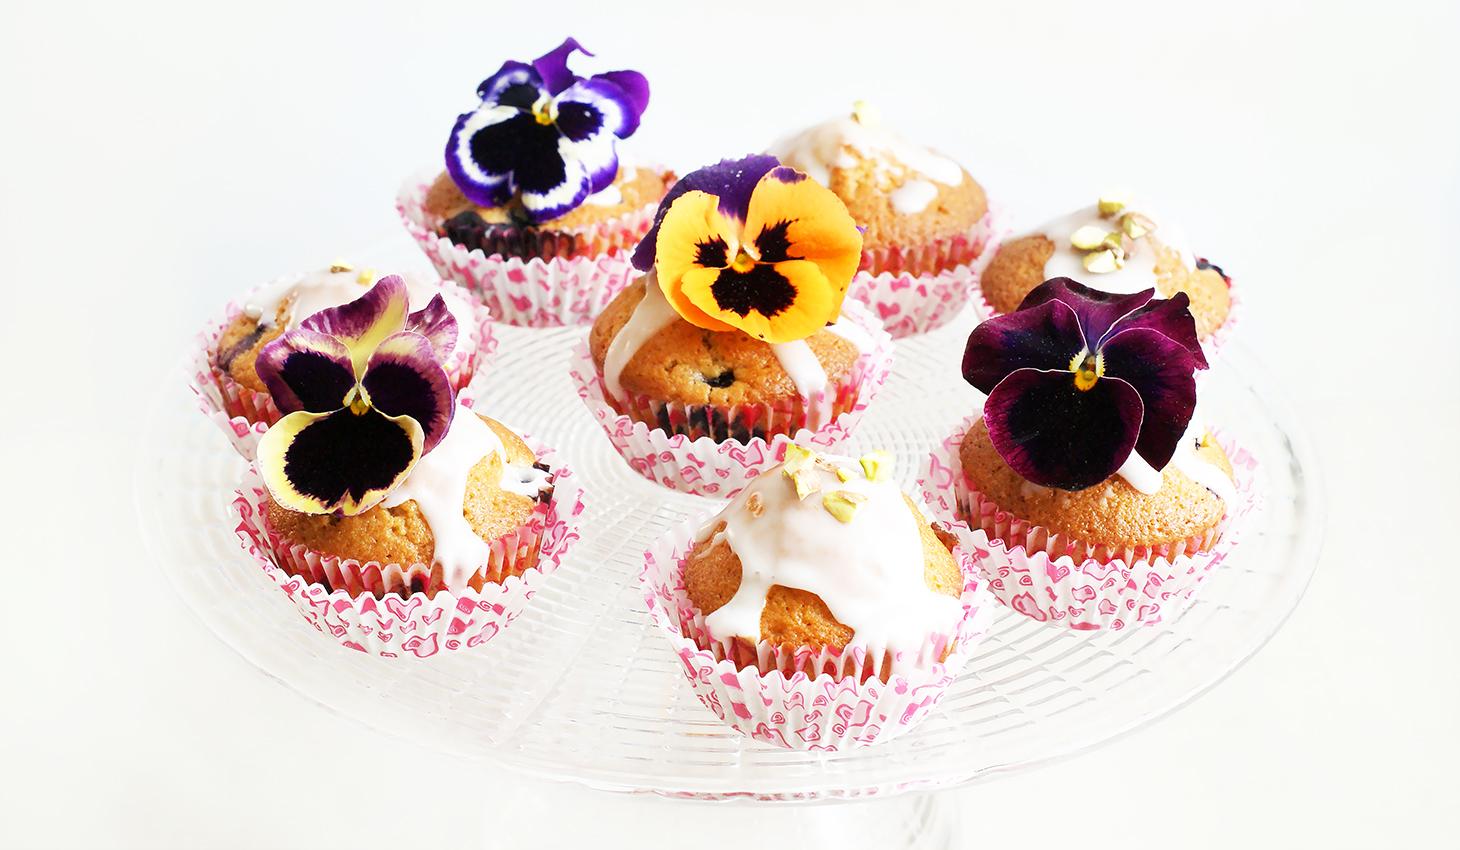 Cytrynowe muffinki z borówkami